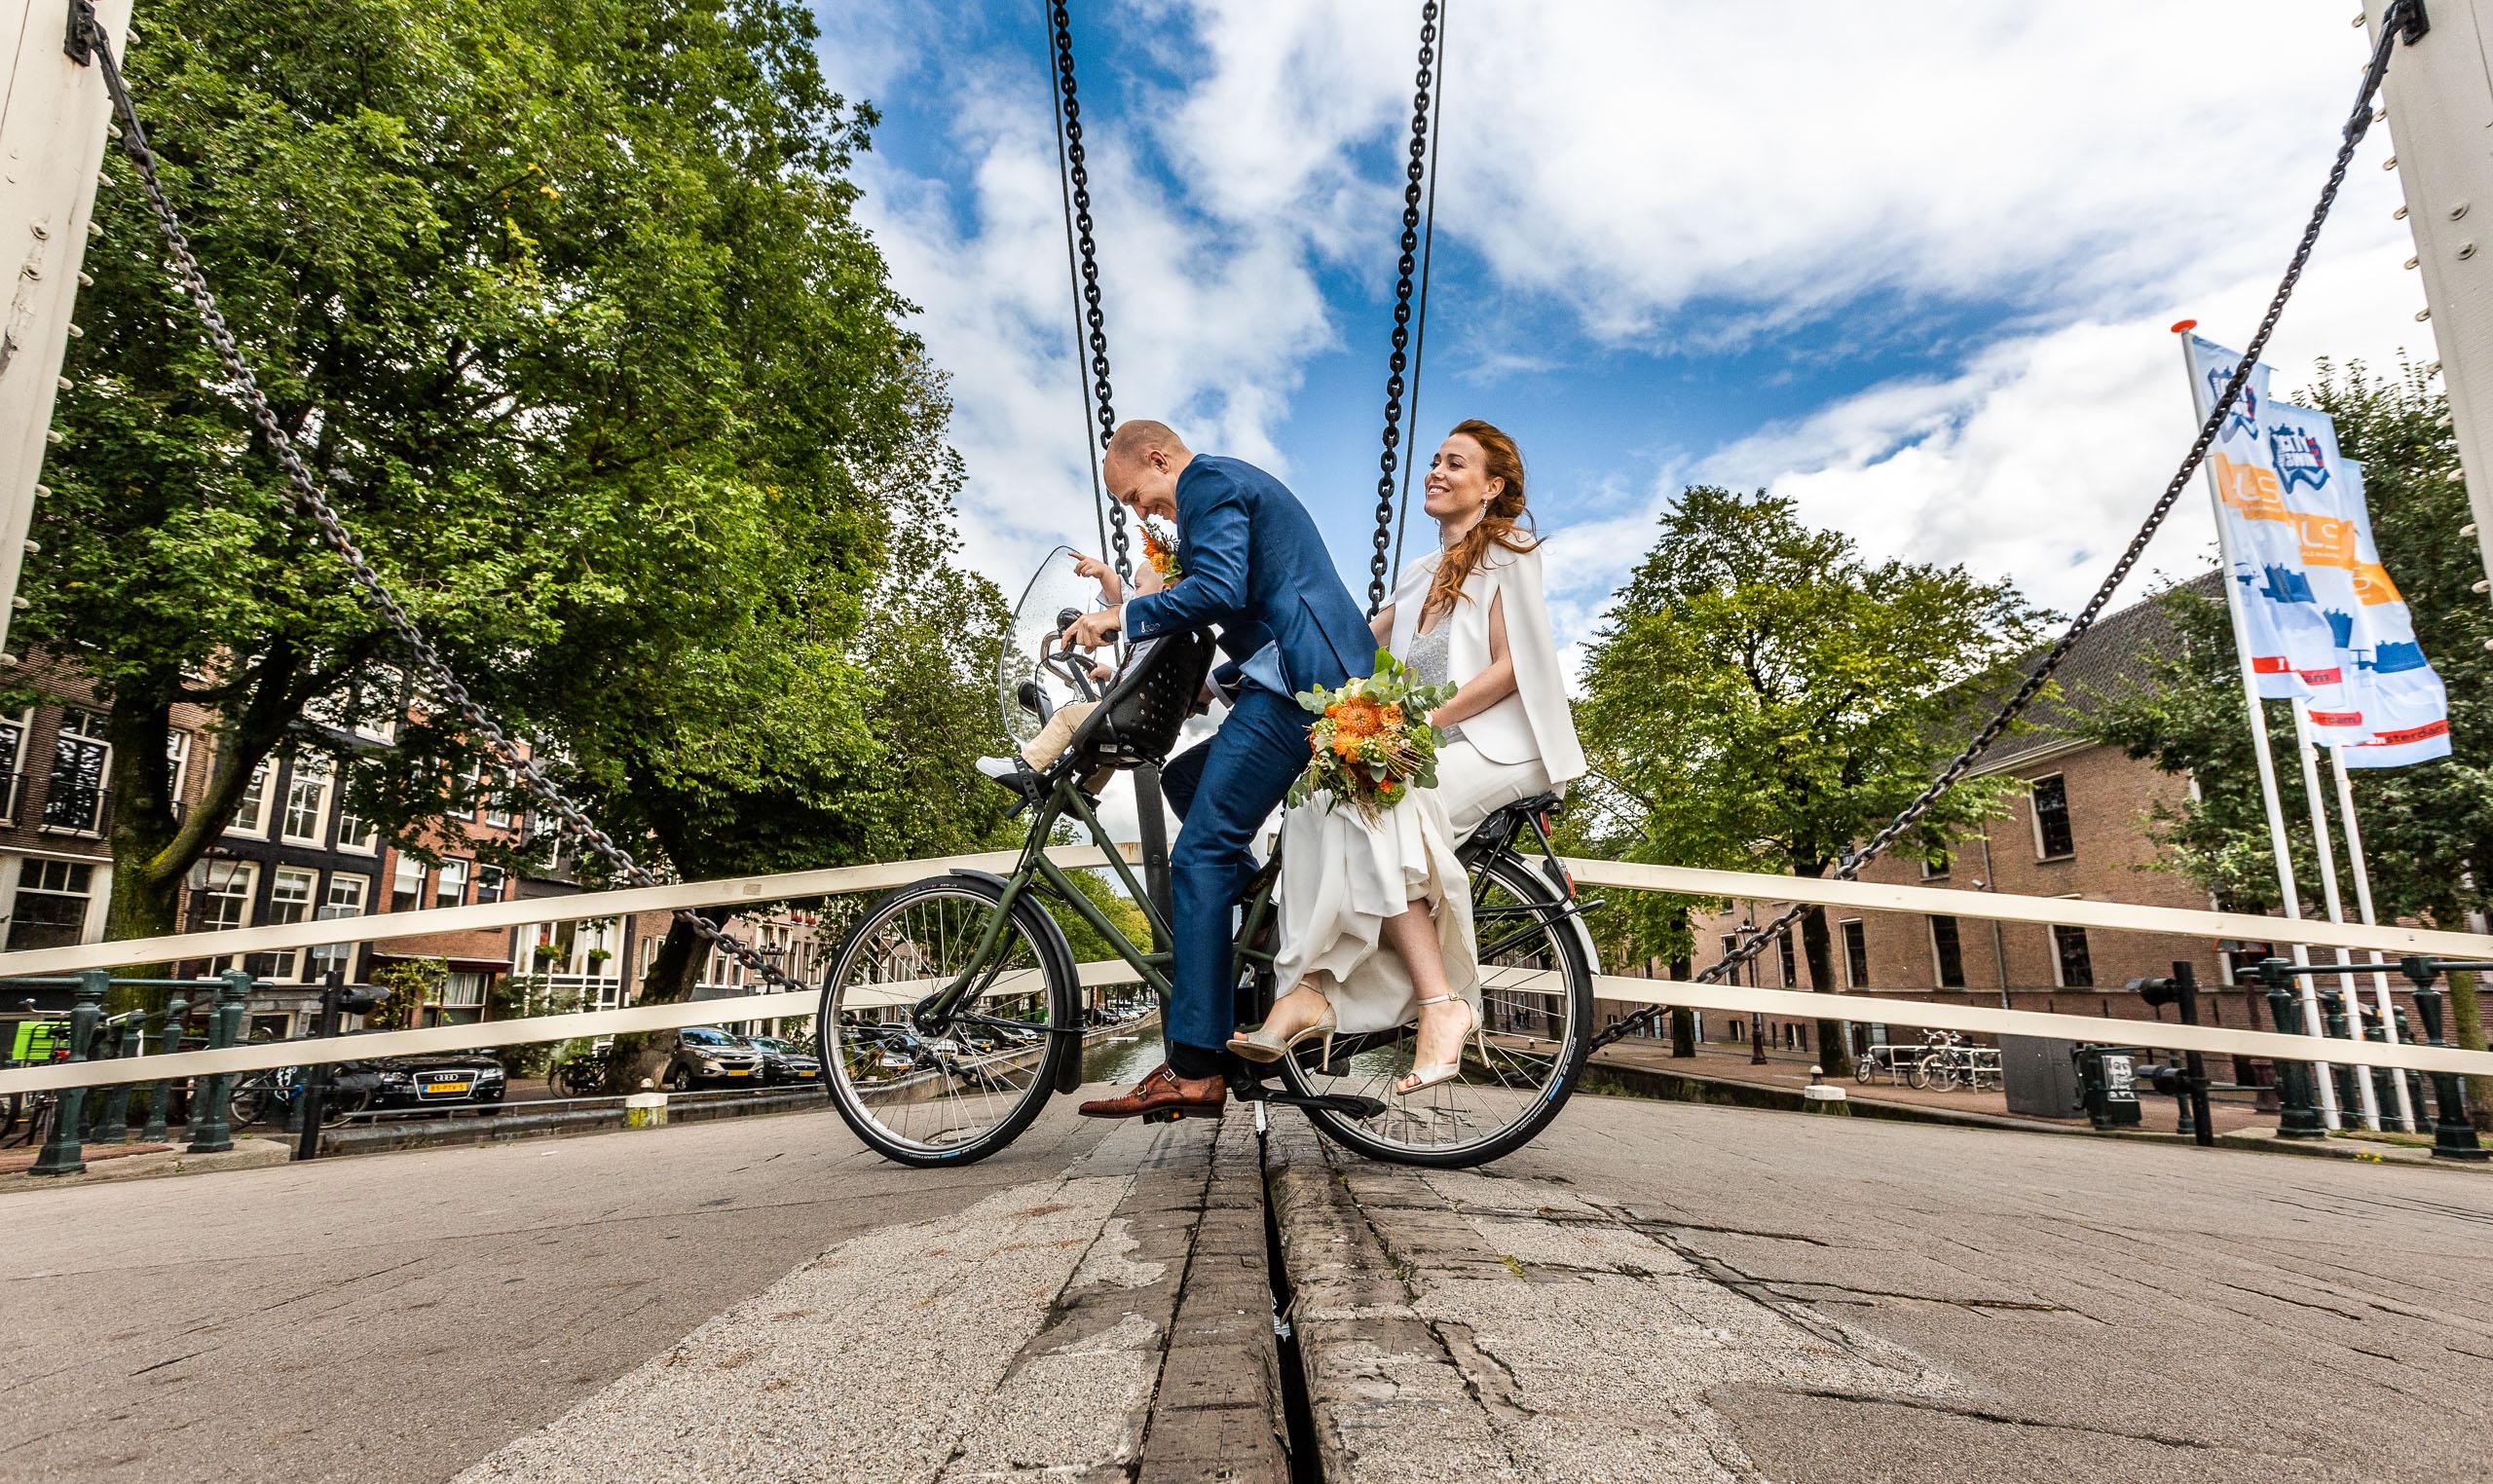 Huwelijksfotograaf in Amsterdam